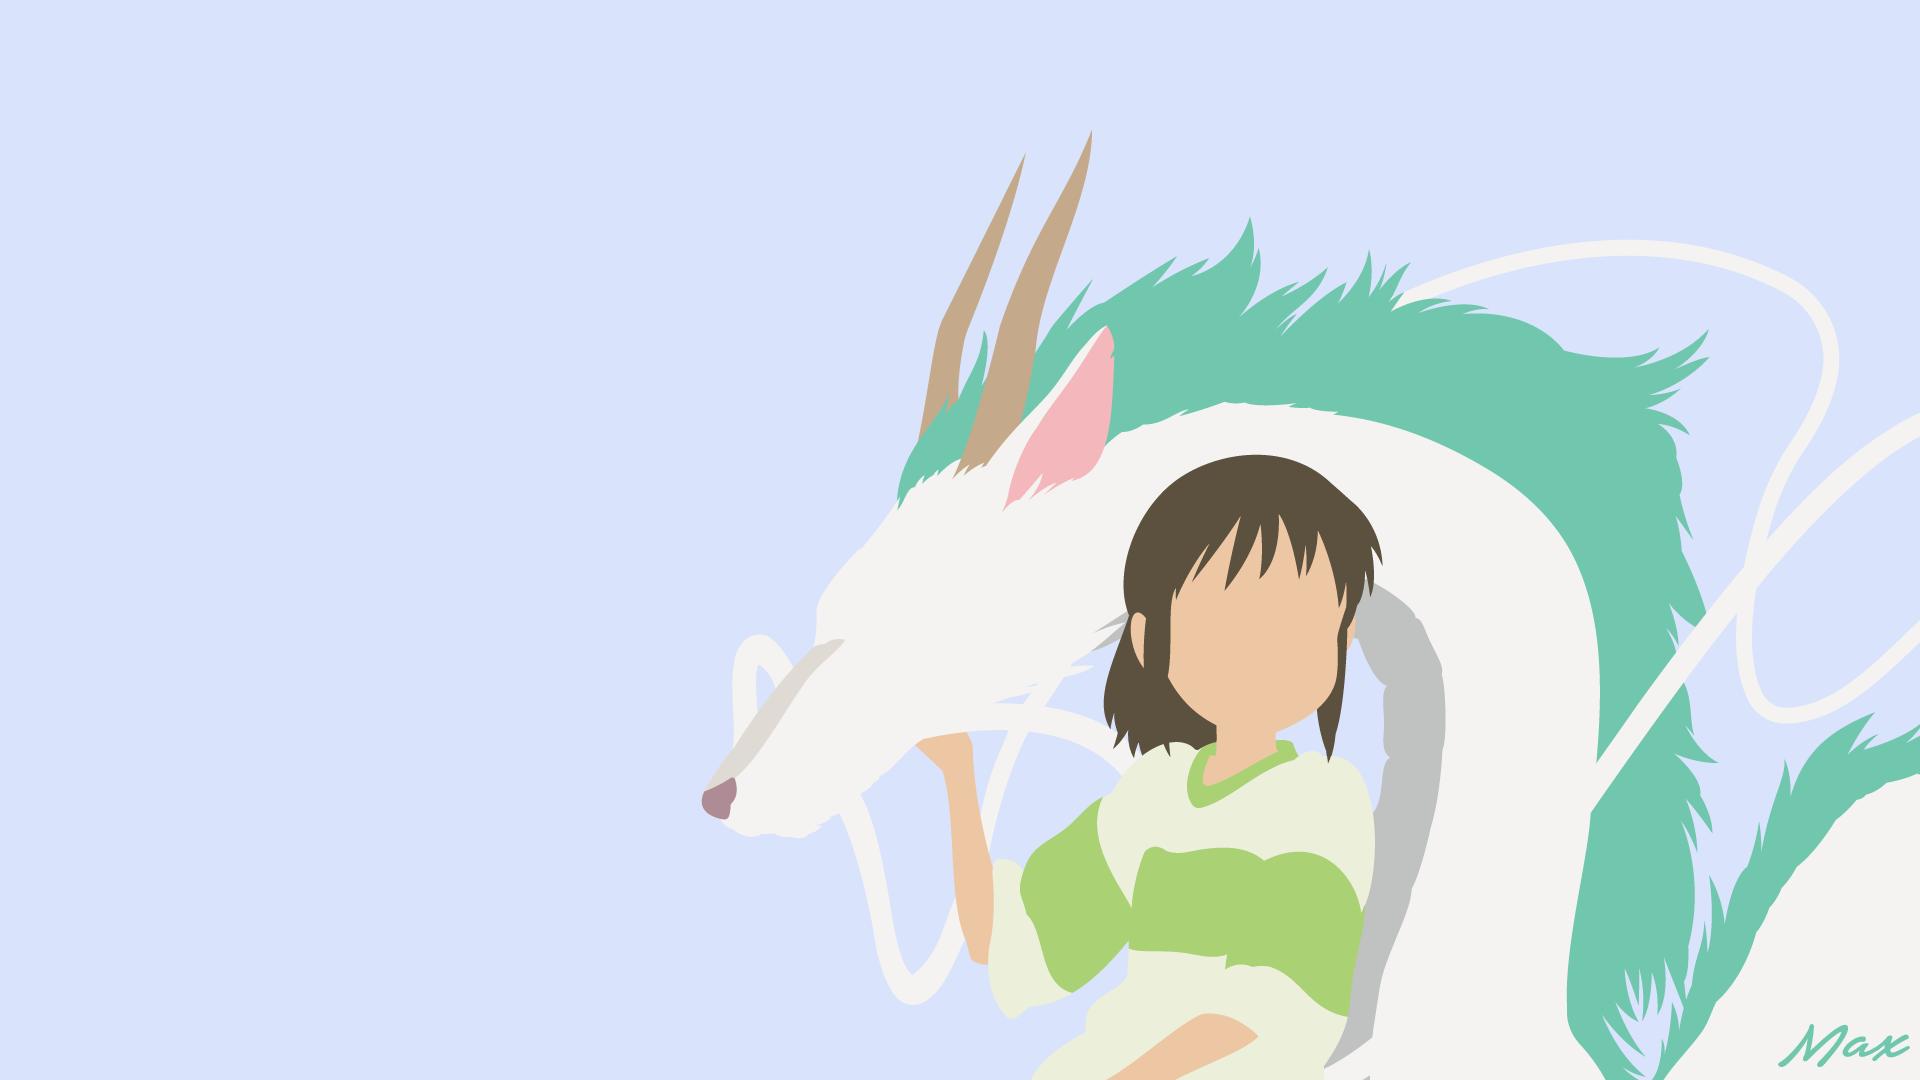 Chihiro And Haku Spirited Away Minimalist By Max028 On Deviantart